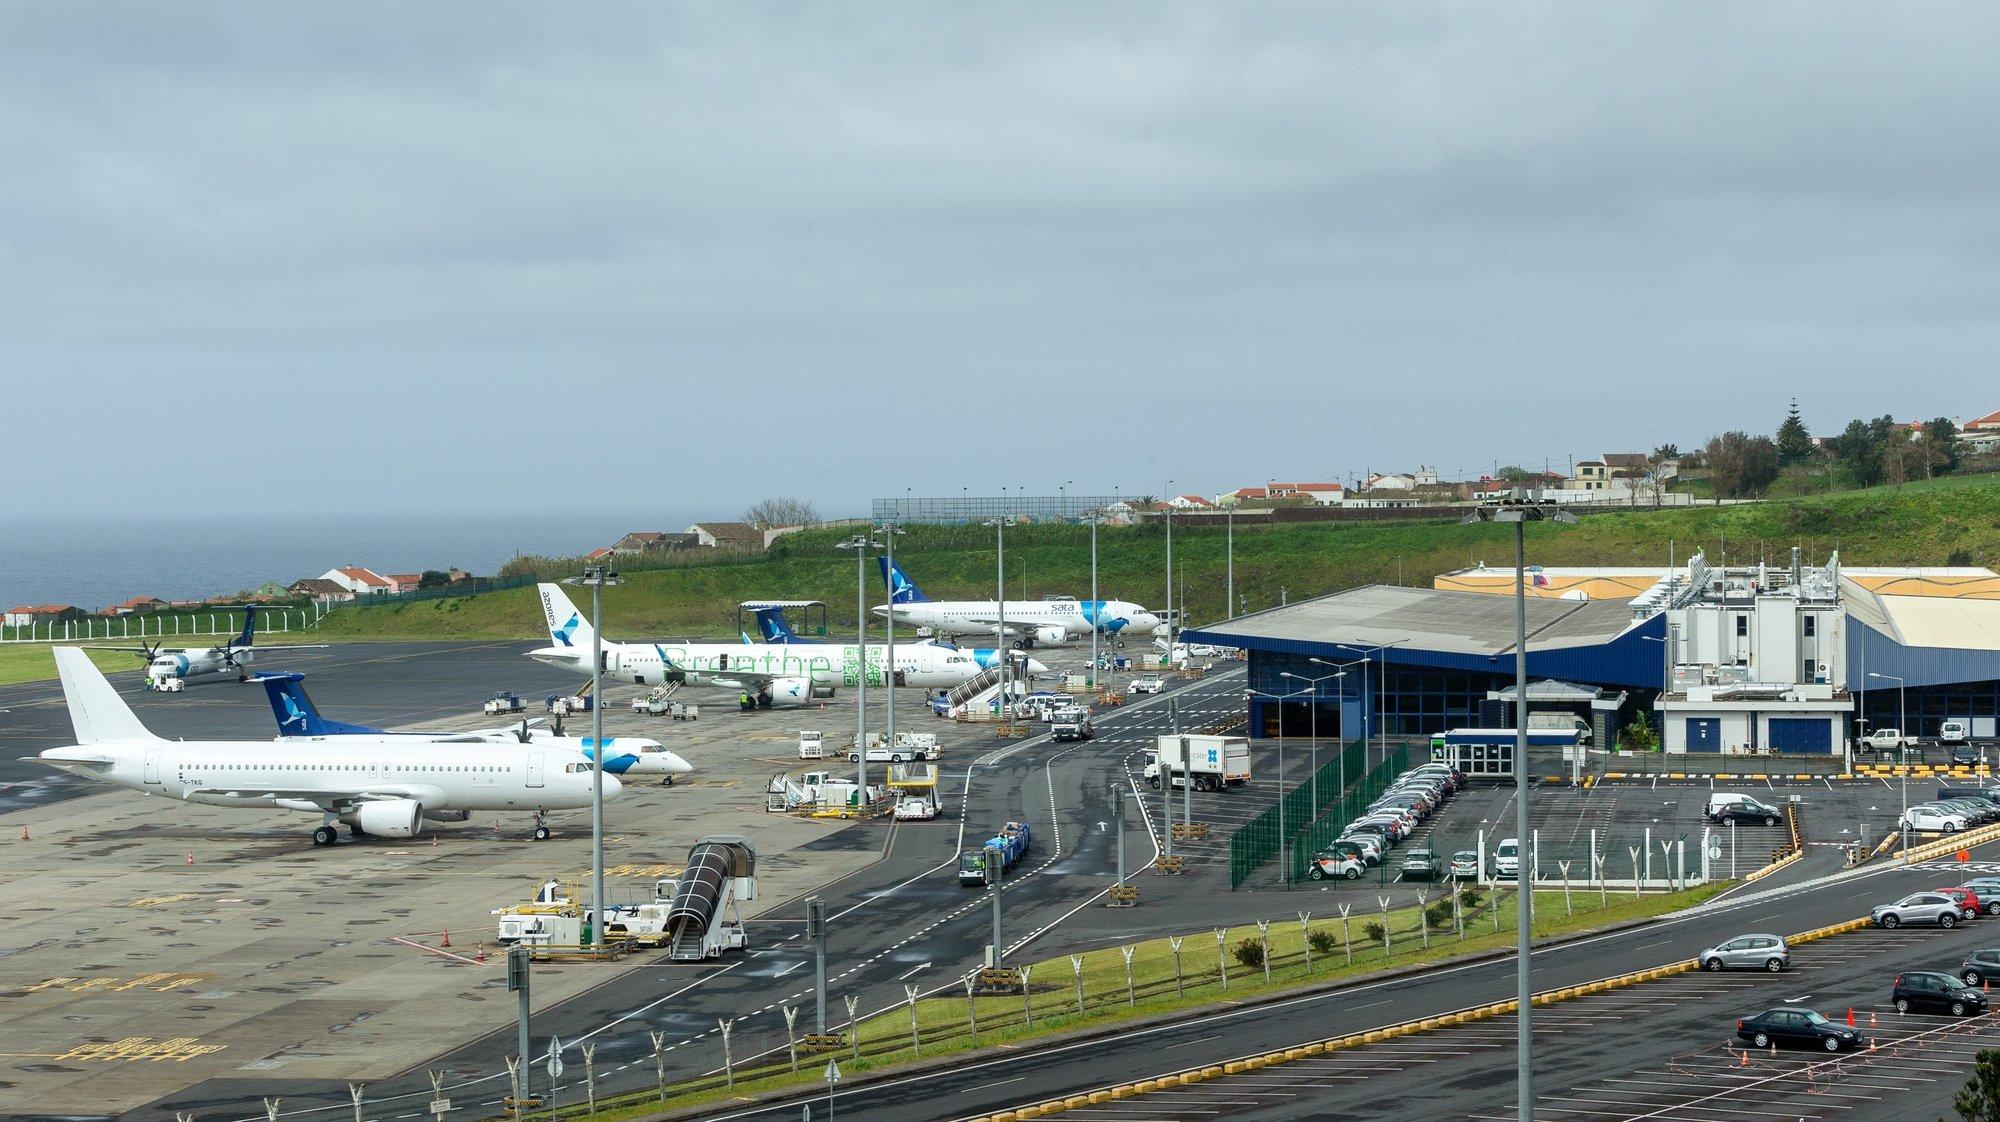 Um avião da SATA prepara-se para descolar do aeroporto de Ponta Delgada, para uma viagem entre ilhas, durante o primeiro dia das cercas sanitárias para conter o surto da covid-19, em Ponta Delgada, ilha de São Miguel, Açores, 03 de abril de 2020. Na quinta-feira, o Governo dos Açores decidiu fixar cercas sanitárias nos seis concelhos da ilha de São Miguel, para fazer face à pandemia de covid-19 na região, medida que vai vigorar até 17 de abril. EDUARDO COSTA/LUSA